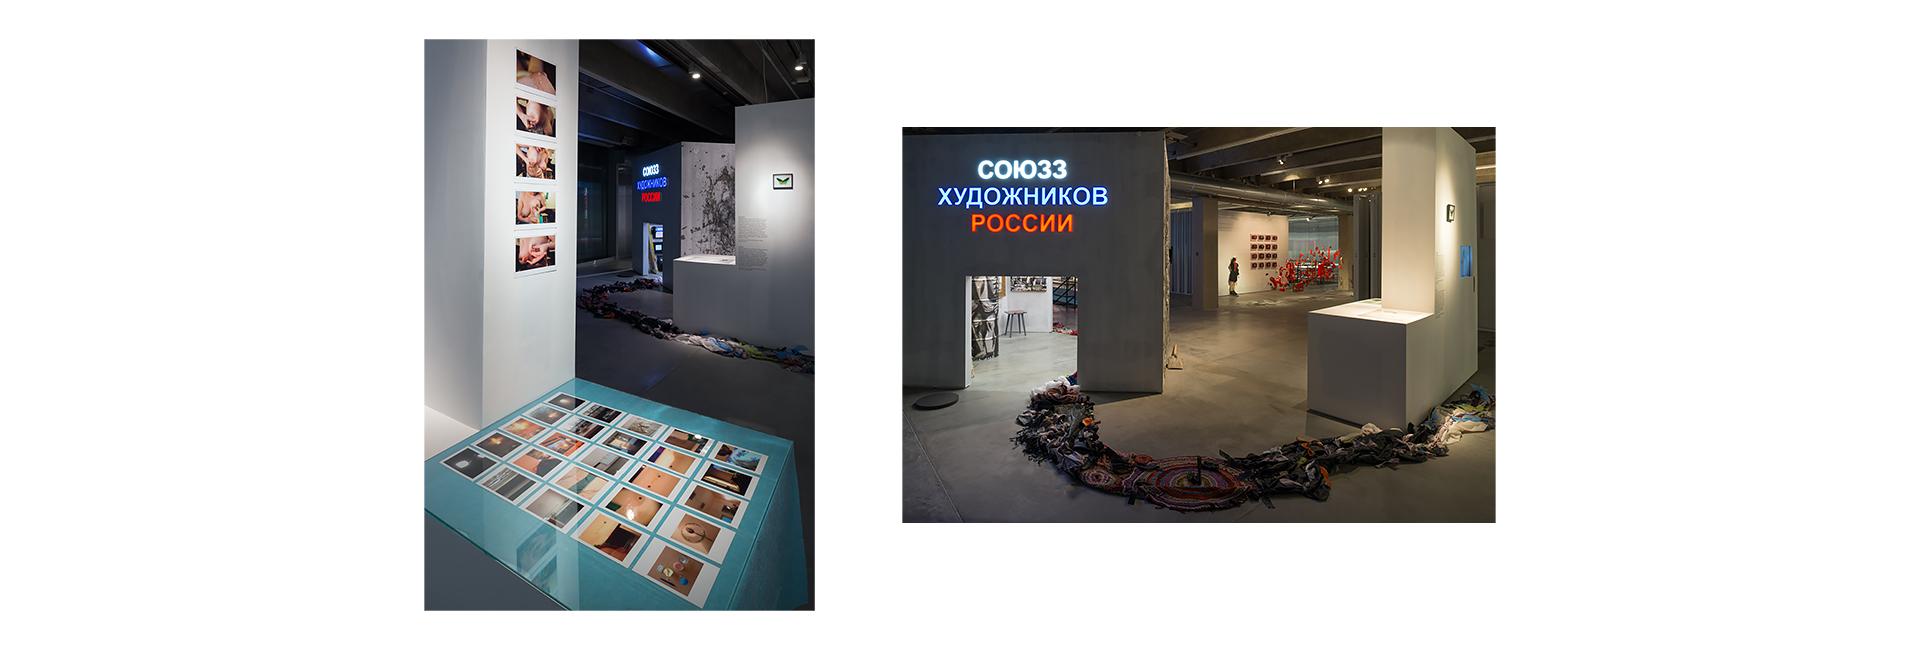 Триеннале в «Гараже»: интервью с куратором Андреем Мизиано (фото 5)